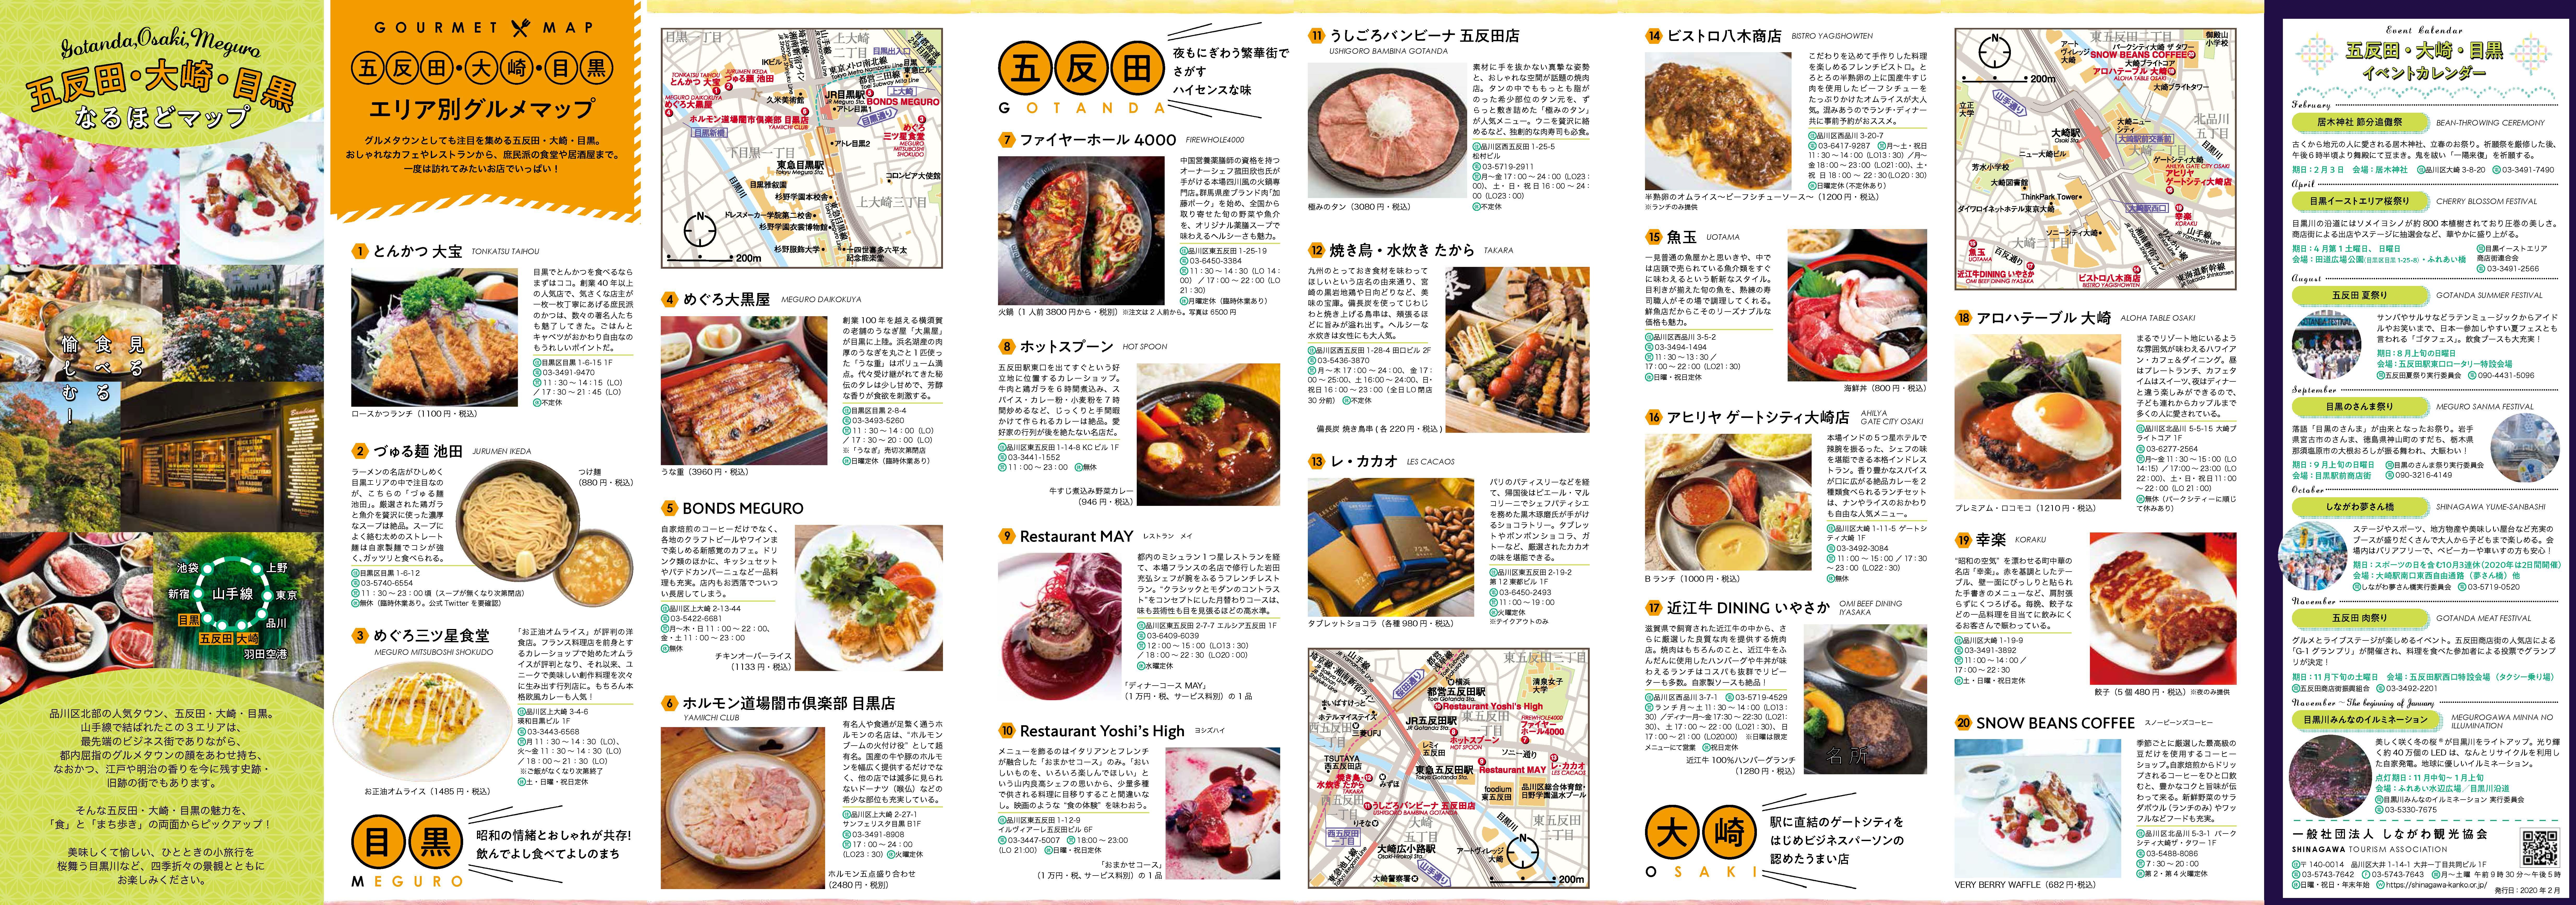 五反田・大崎・目黒なるほどマップ